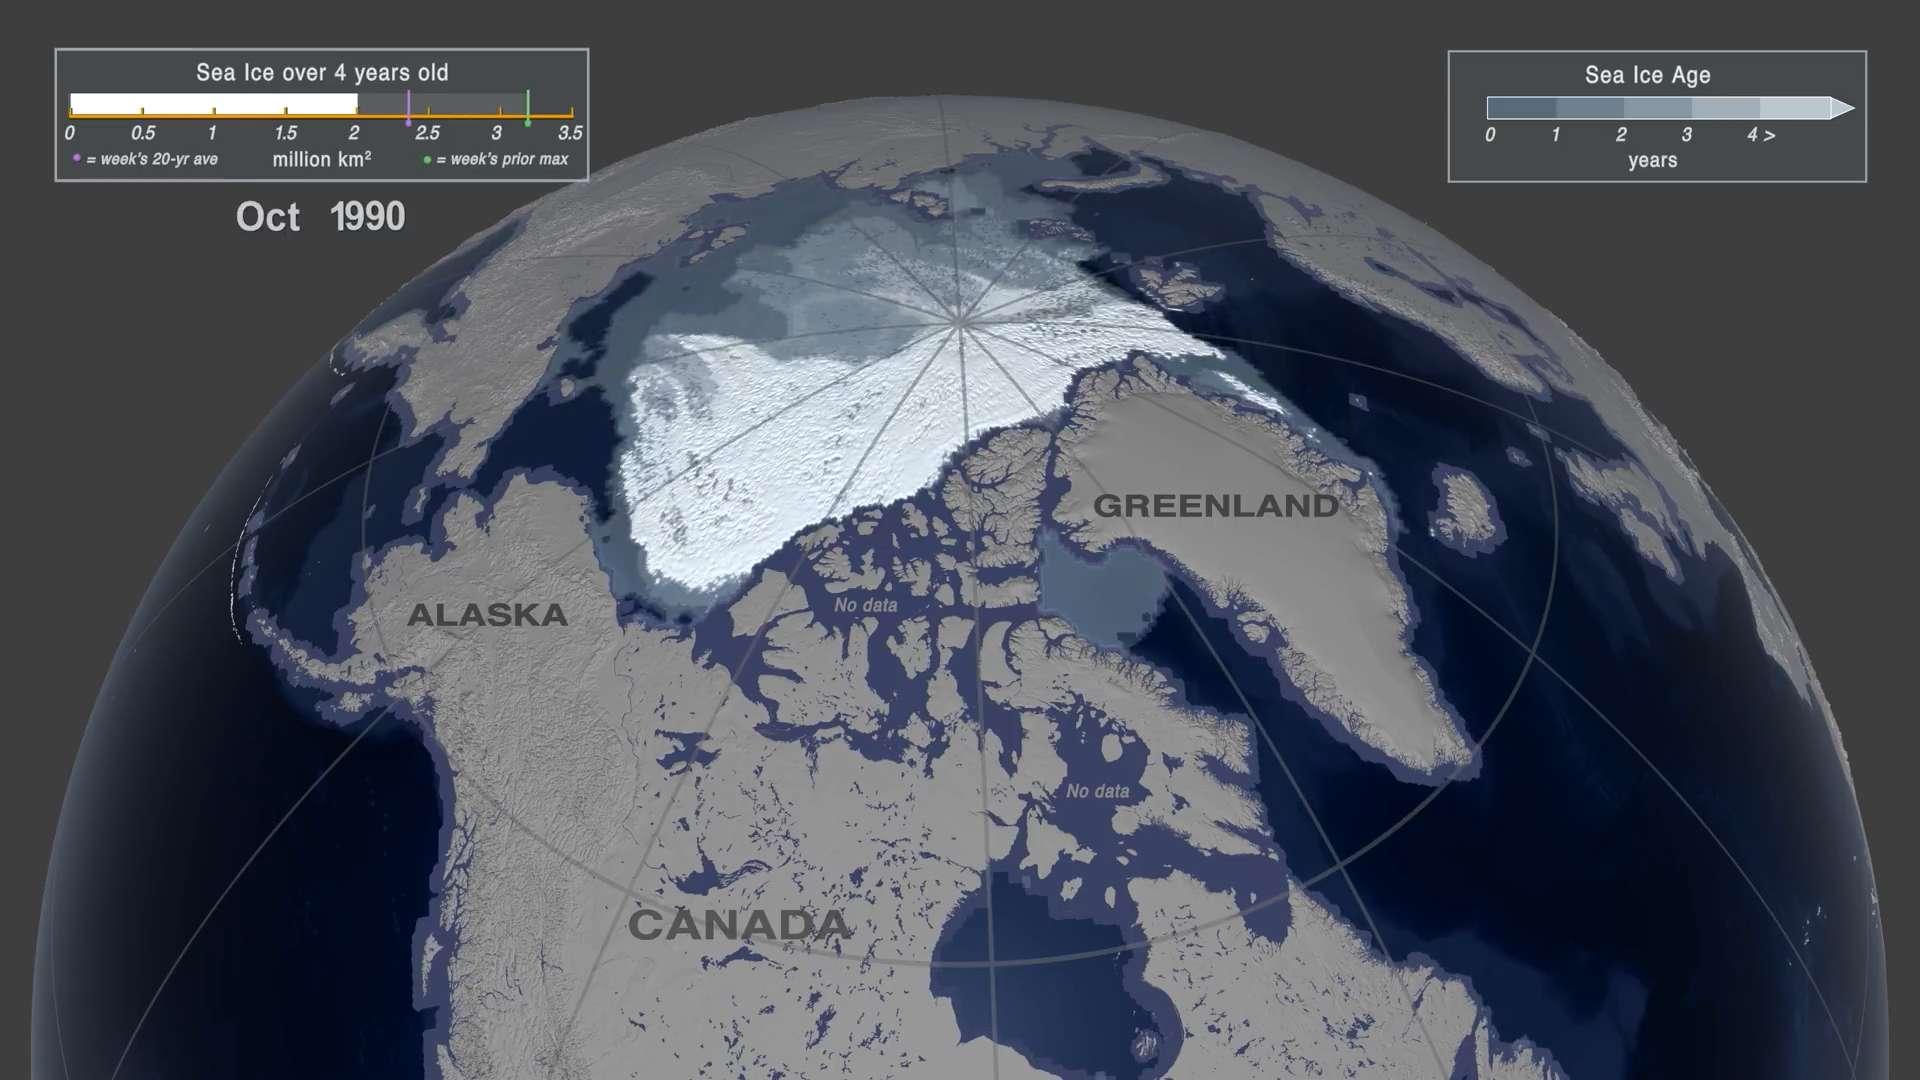 Il ne restera bientôt plus rien de la glace permanente en Arctique. © AGU, YouTube